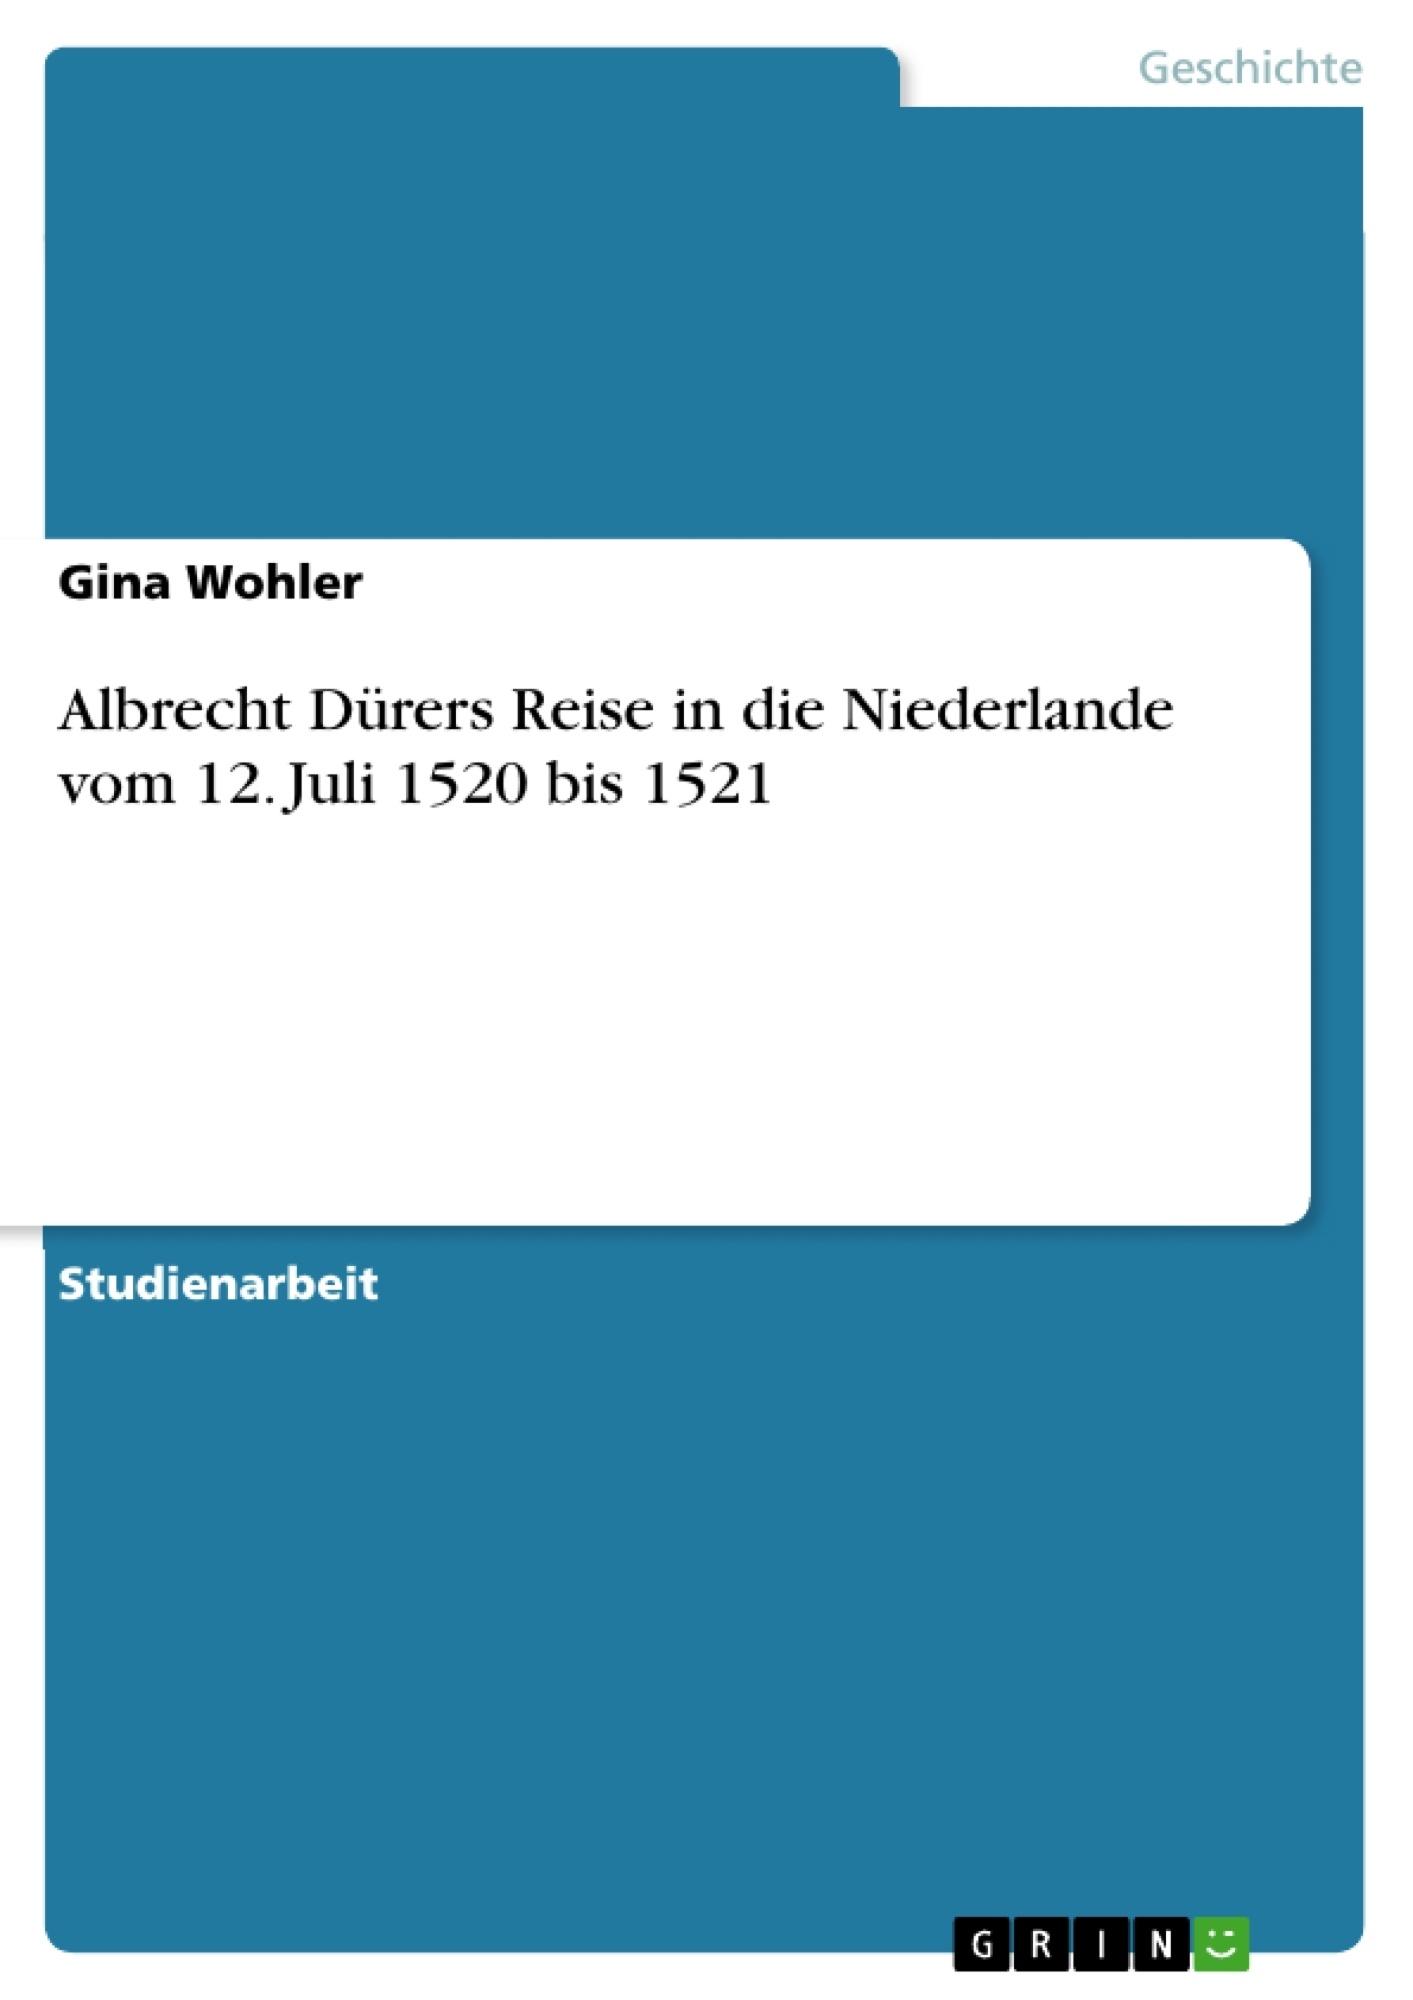 Titel: Albrecht Dürers Reise in die Niederlande vom 12. Juli 1520 bis 1521